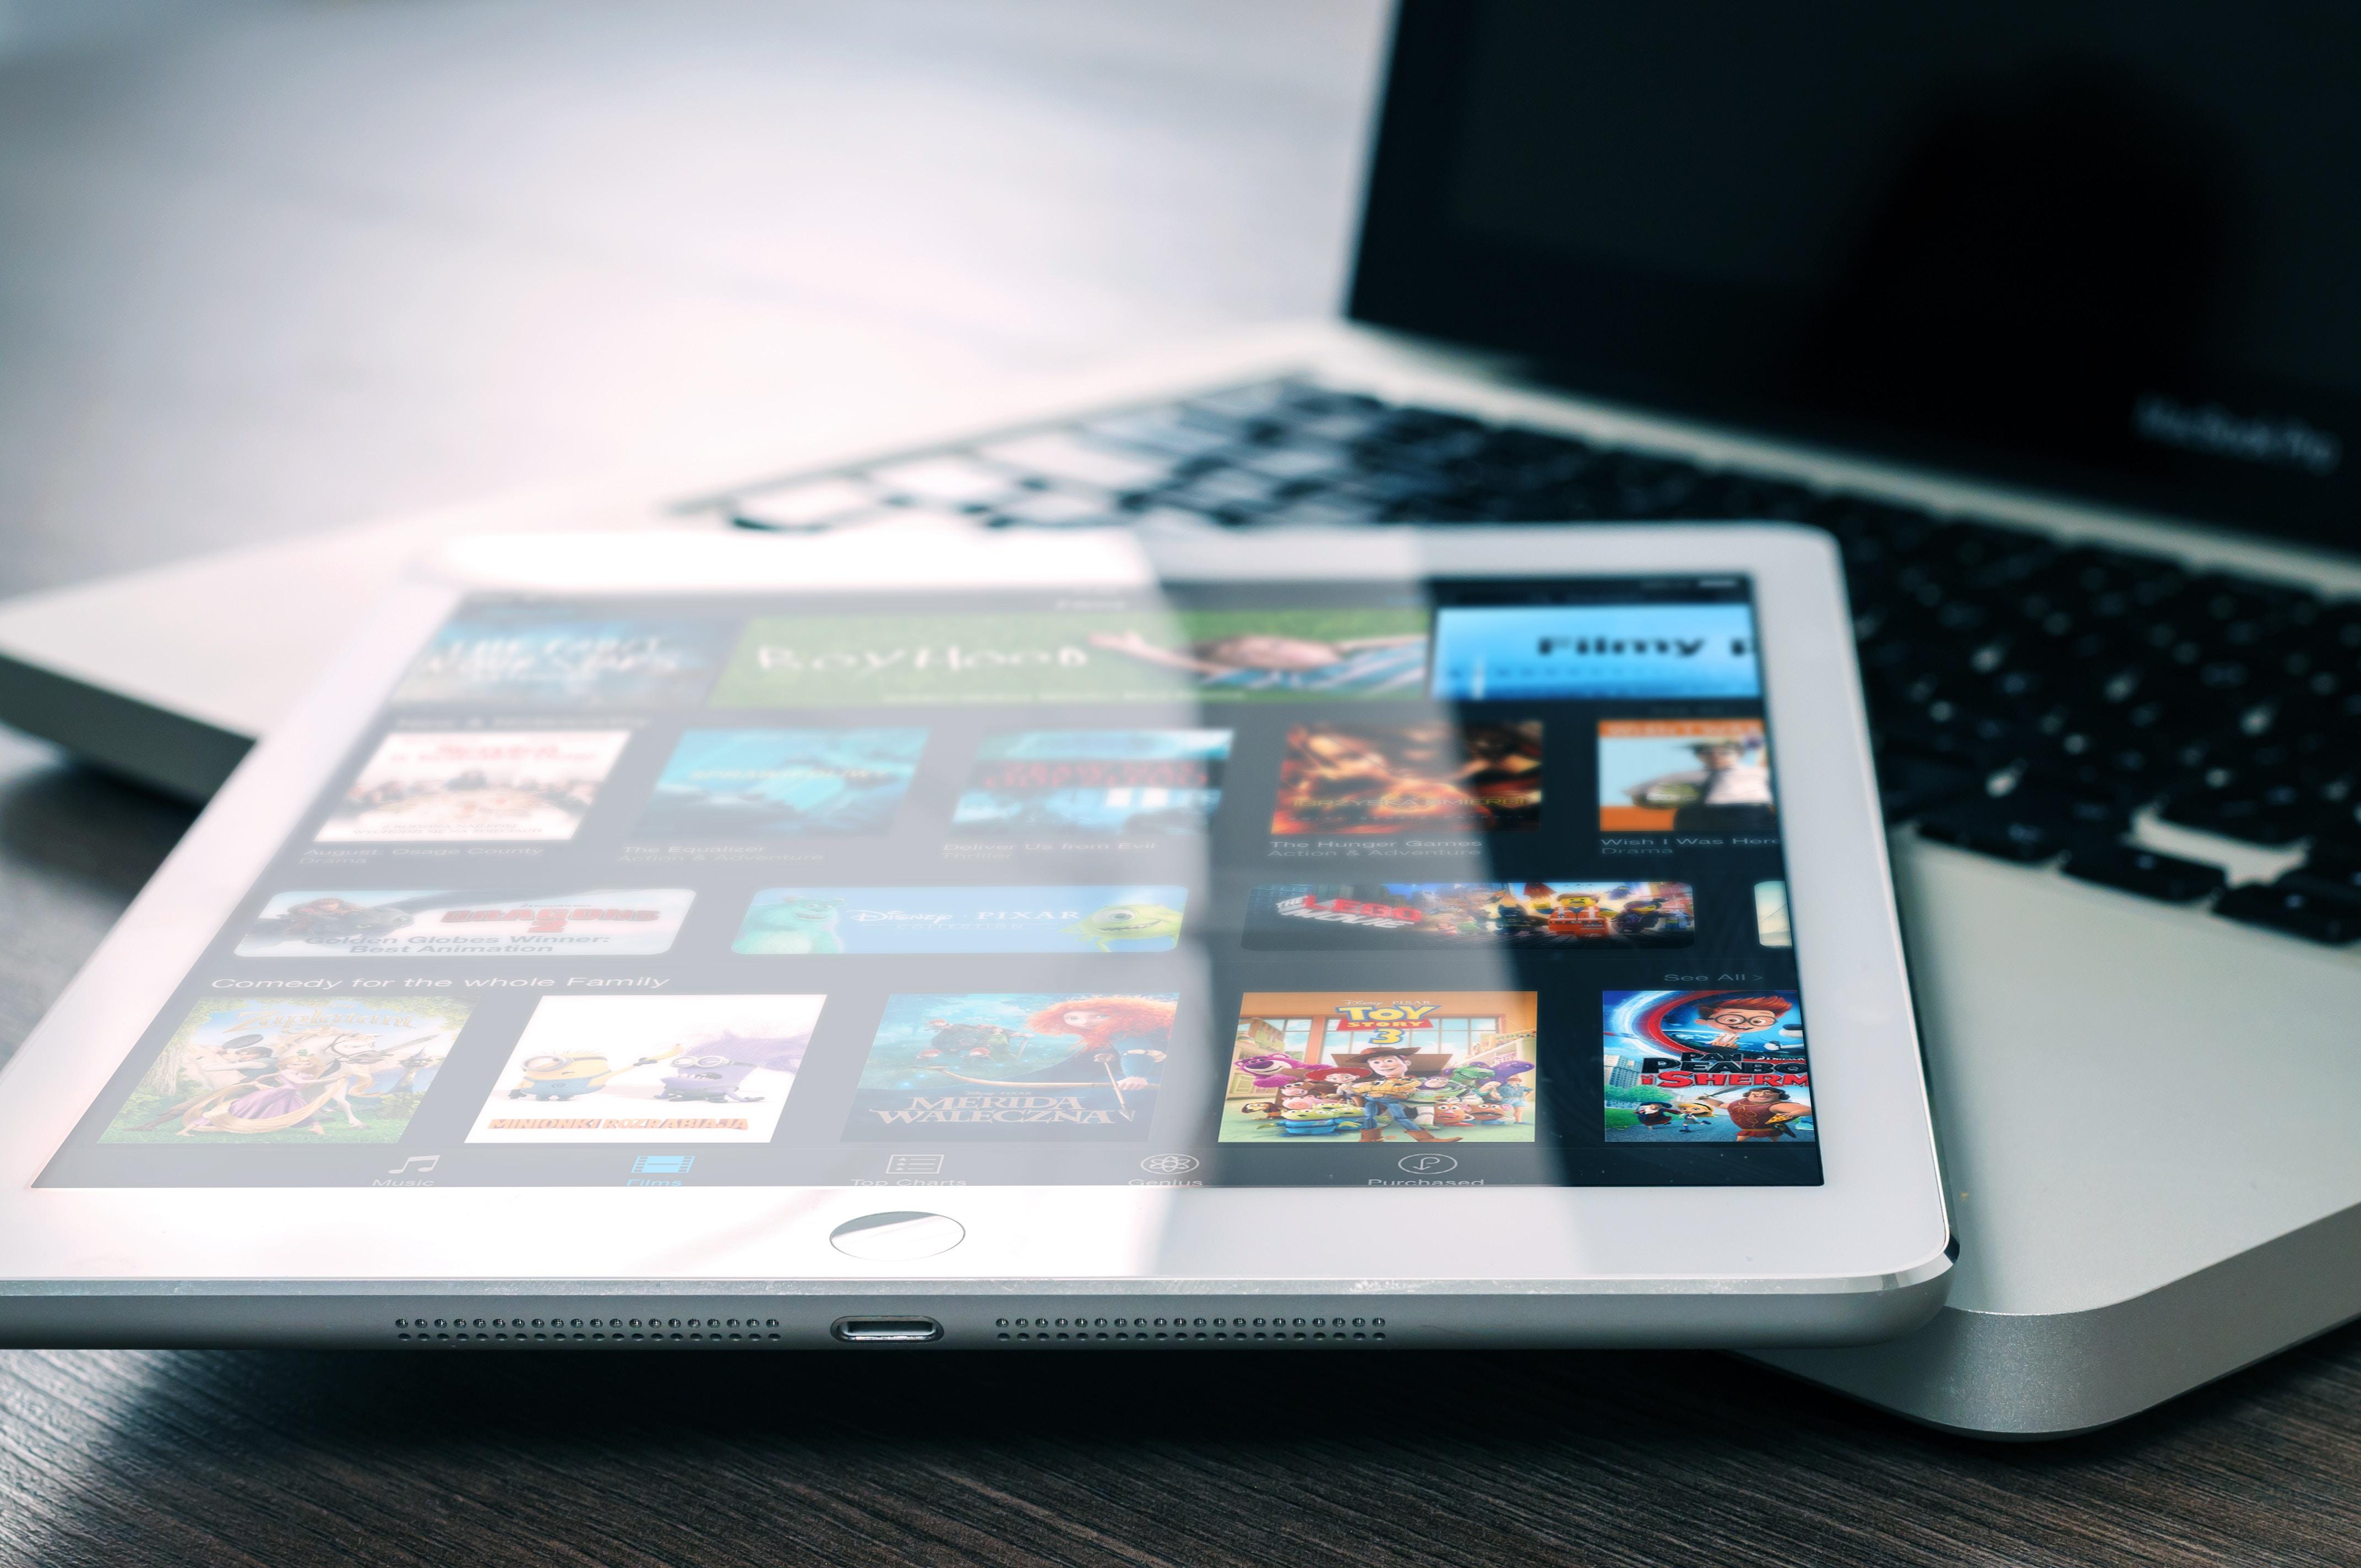 a saas app running on an iPad screen